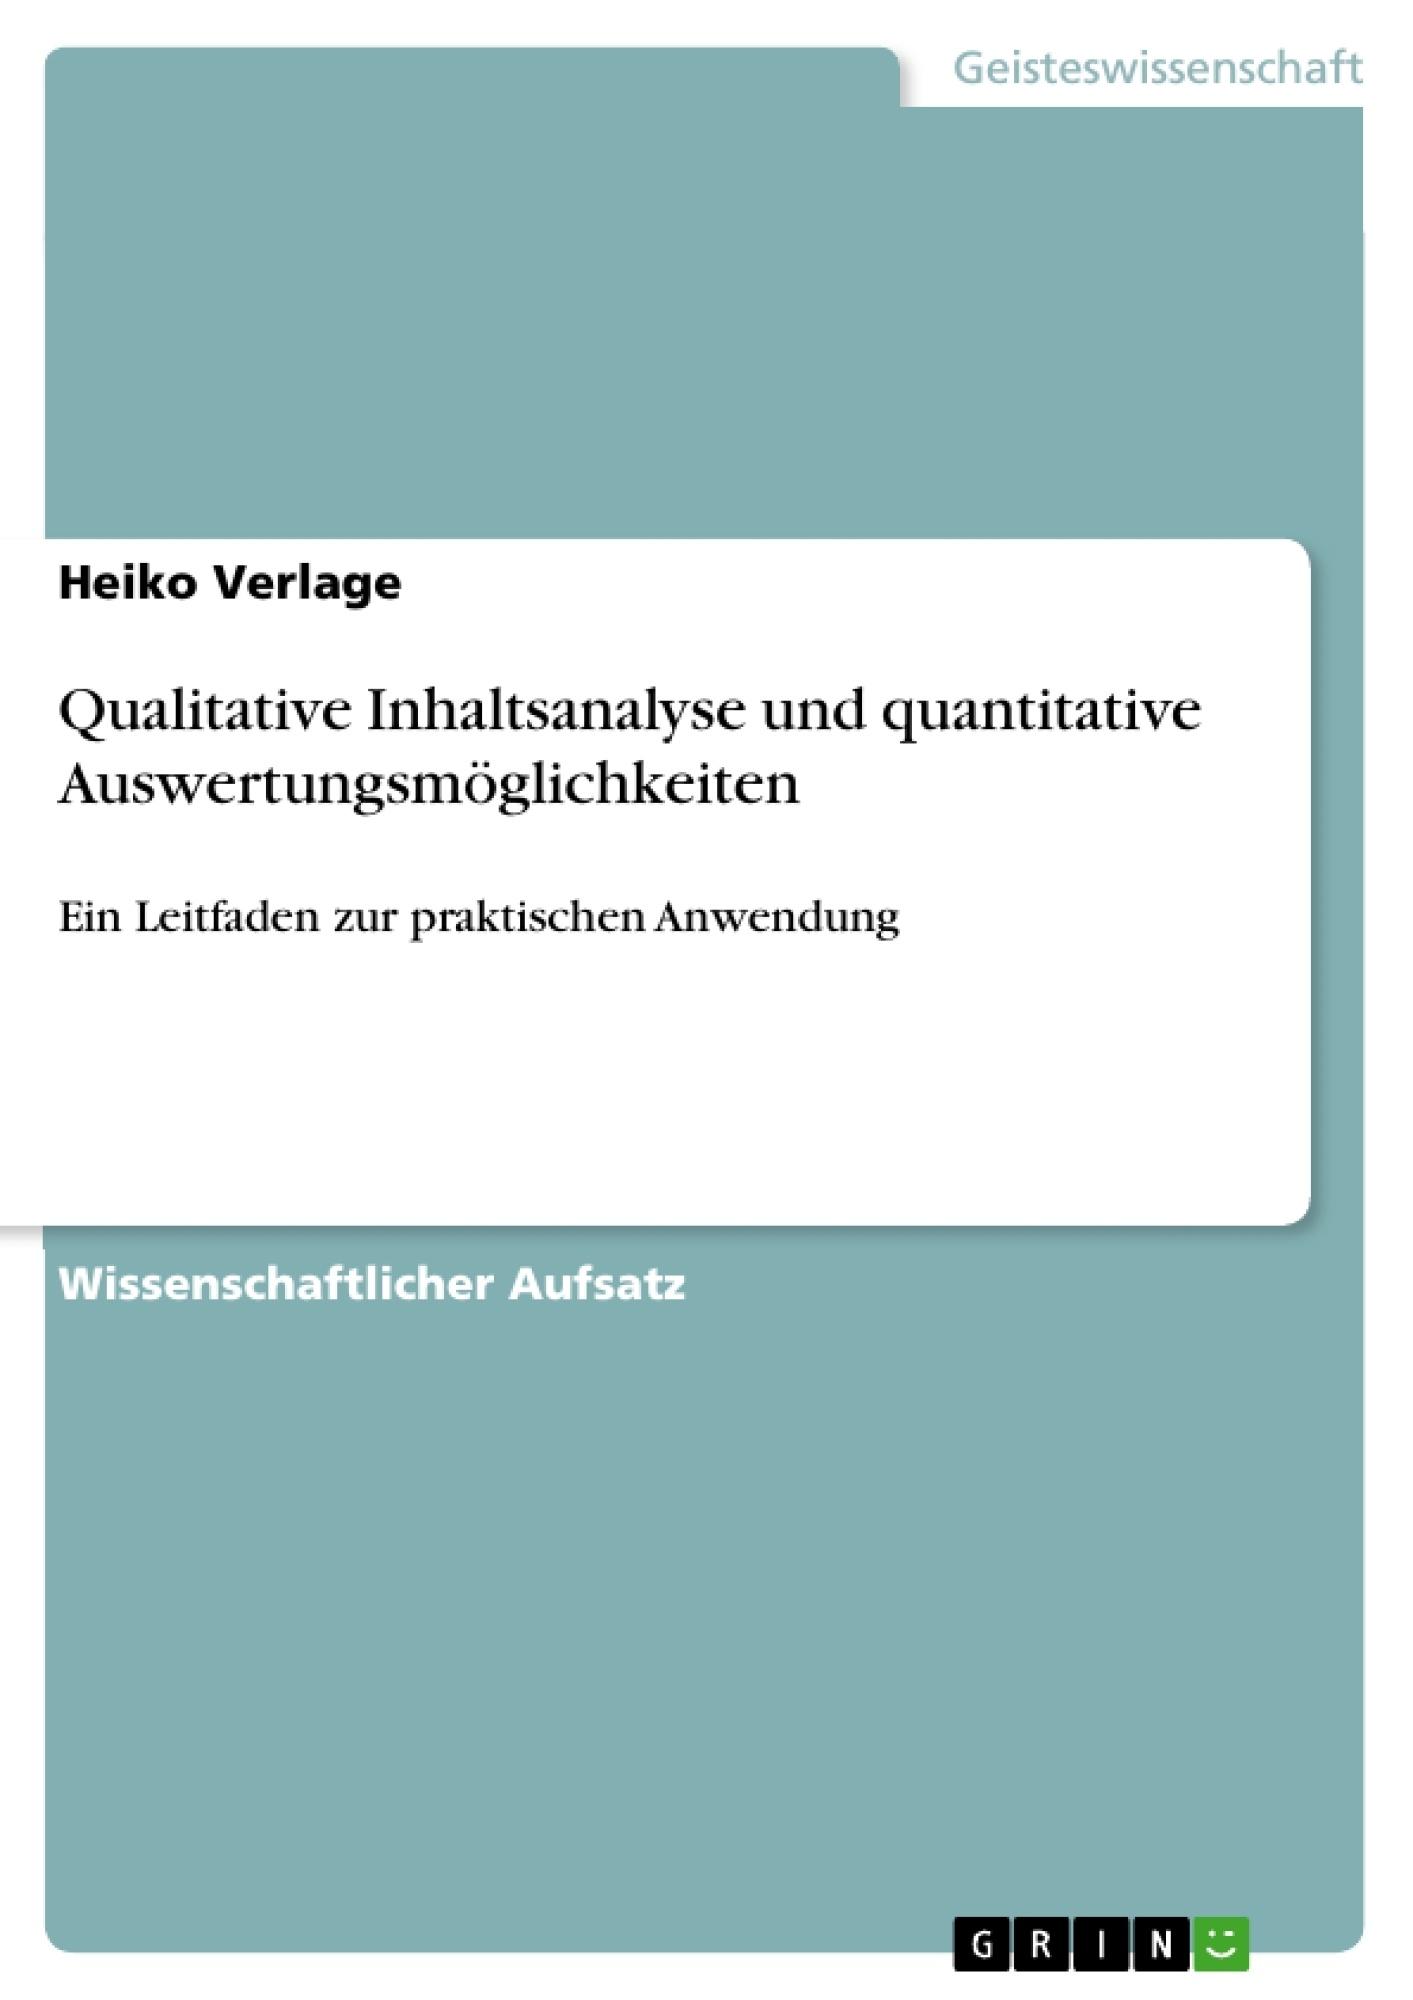 Titel: Qualitative Inhaltsanalyse und quantitative Auswertungsmöglichkeiten